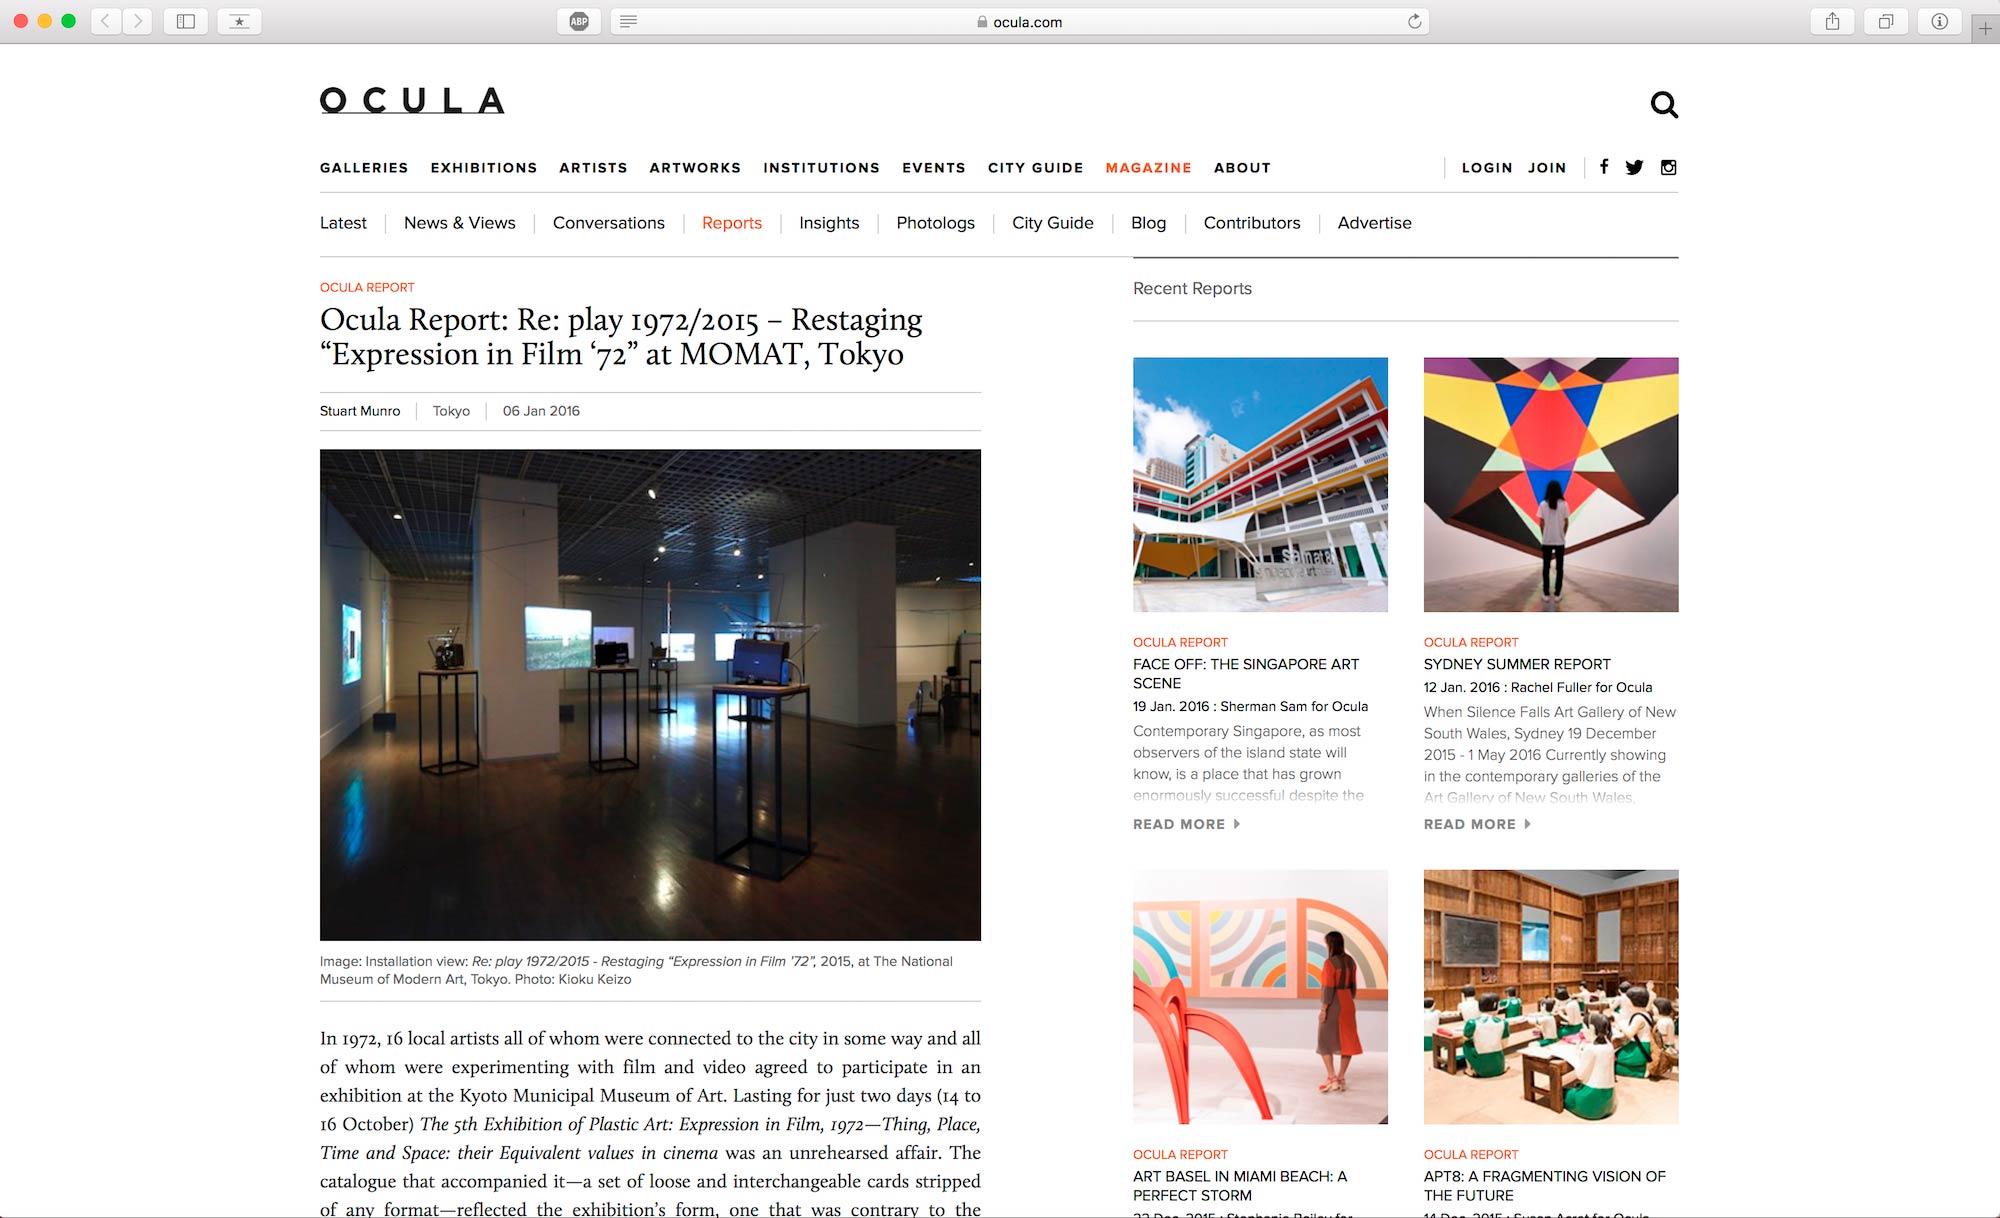 ocula_expressioninfilm